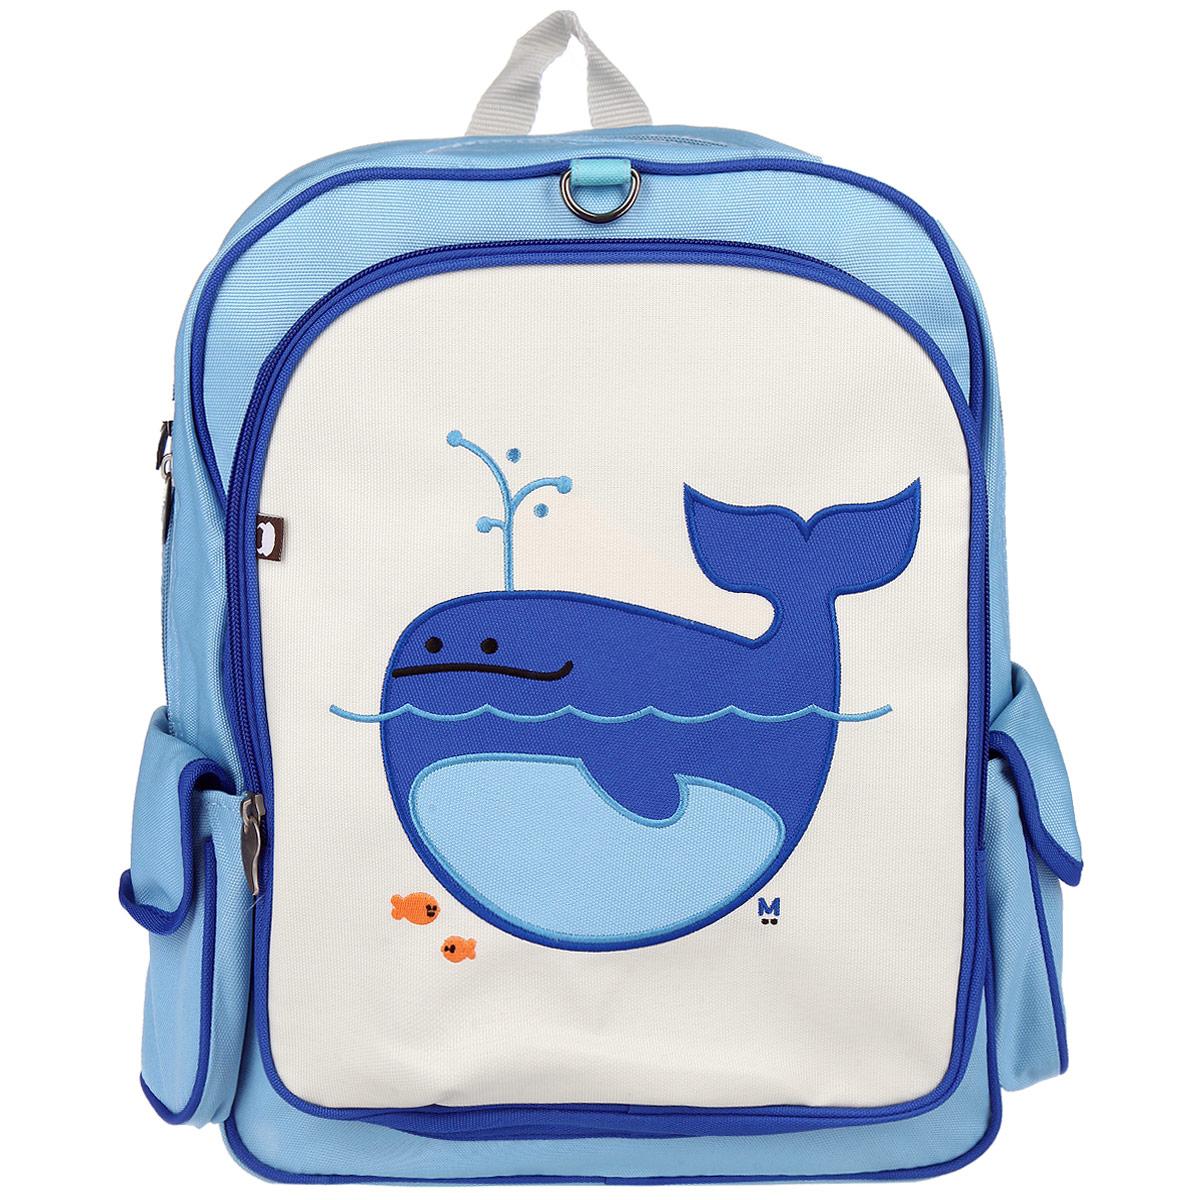 Рюкзак Beatrix Lucas-Whale, цвет: голубой, синий, молочныйAP-1815WРюкзак Beatrix Lucas-Whale обязательно привлечет внимание вашего ребенка. Выполнен из прочного и высококачественного материала голубого, синего и молочного цветов и оформлен аппликацией с изображением кита. Рюкзак состоит из вместительного отделения, закрывающегося на застежку-молнию с двумя бегунками. Бегунки застежки дополнены металлическими держателями. Внутри отделения находится нашивной карман на застежке-молнии. На задней стенке рюкзака имеется нашивка, на которой можно указать данные владельца. Лицевая сторона оснащена накладным карманом на молнии. Рюкзак имеет два накладных боковых кармана на липучке. Мягкие широкие лямки позволяют легко и быстро отрегулировать рюкзак в соответствии с ростом. Рюкзак оснащен удобной текстильной ручкой для переноски в руке. Этот рюкзак можно использовать для повседневных прогулок, отдыха и спорта, а также как элемент вашего имиджа.